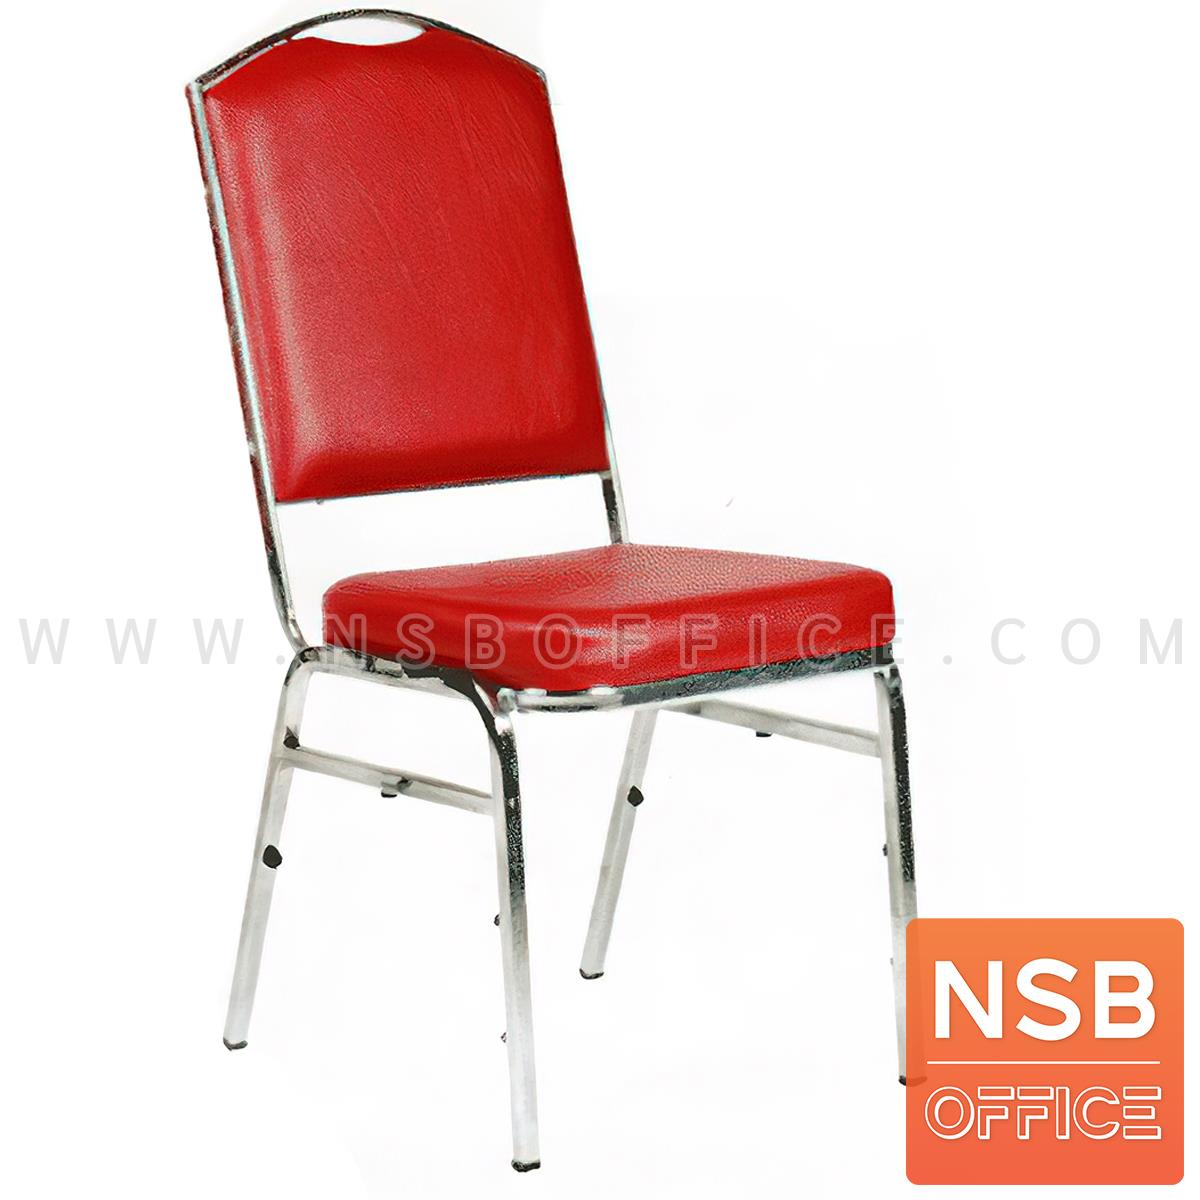 B08A089:เก้าอี้อเนกประสงค์จัดเลี้ยง รุ่น Luenell (ลูเนลล์) ขนาด 95.5H cm. ขาเหล็ก